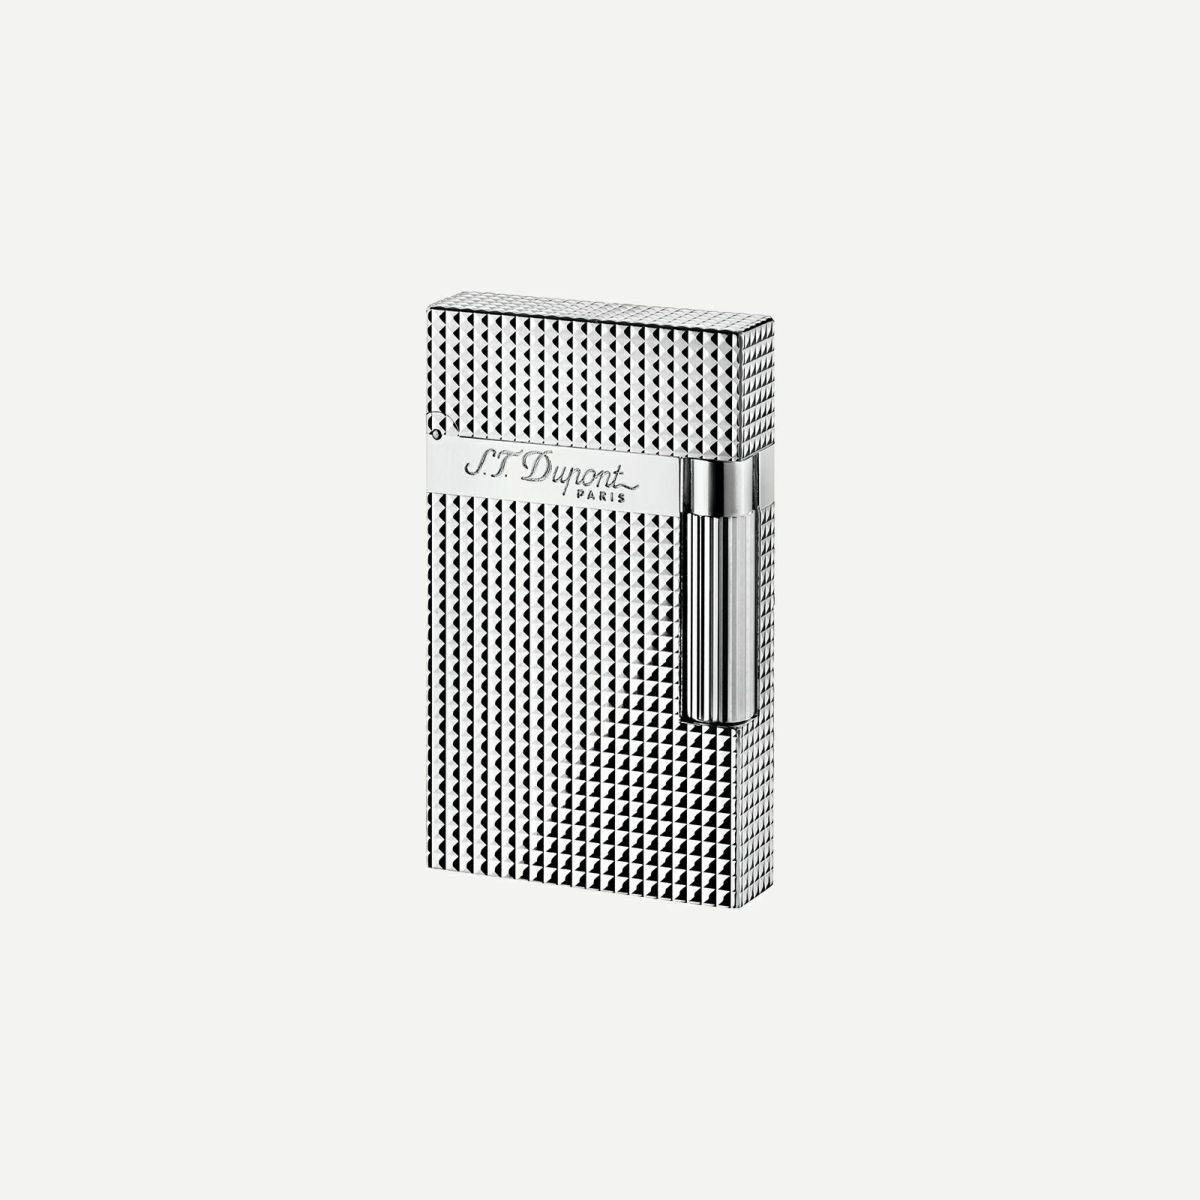 ライター買取価格相場 デュポン ライン2 ダイヤモンドヘッド